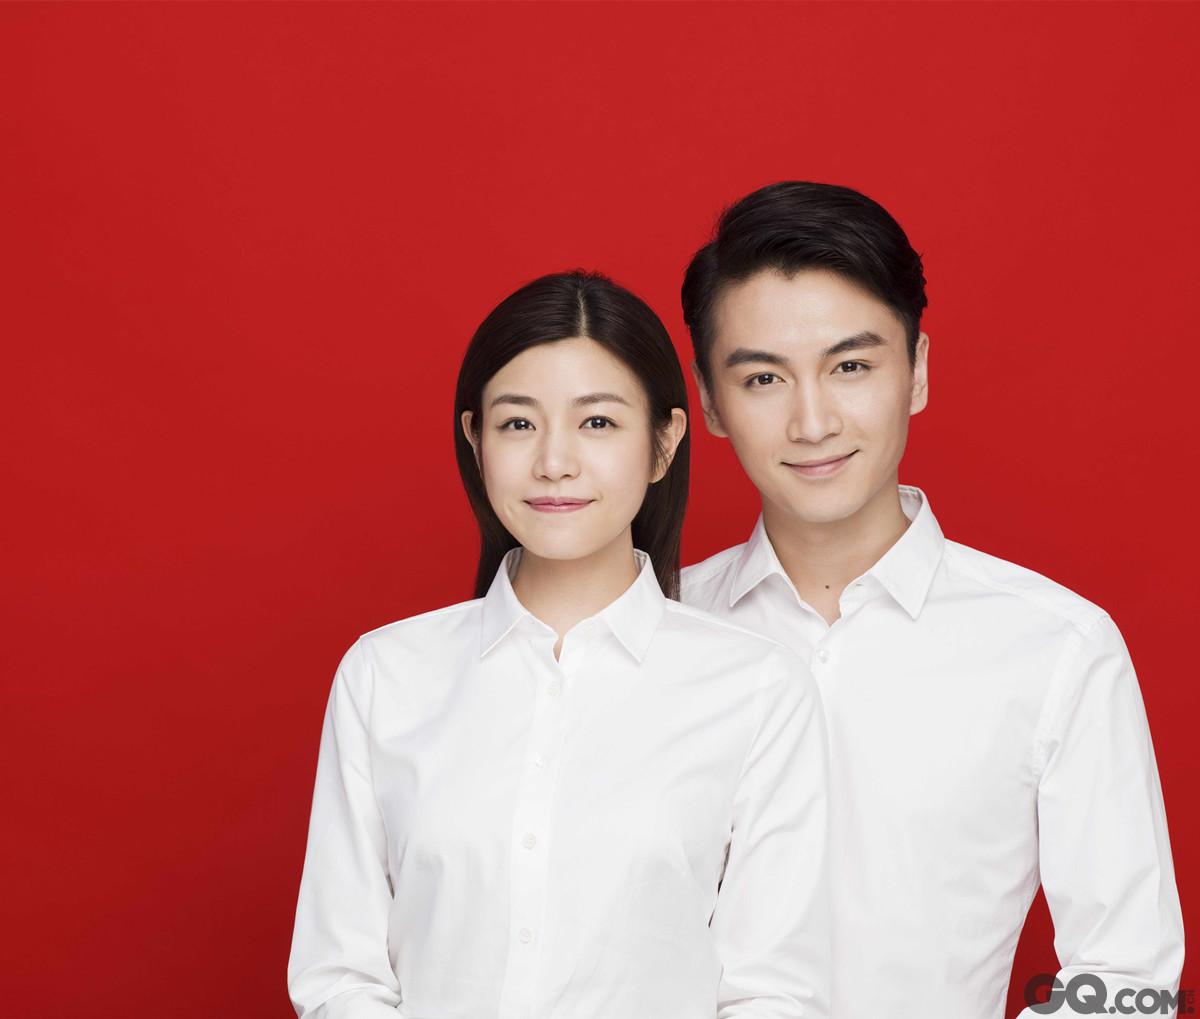 其实今天是陈晓的29岁生日,他是1987年7月5日出生在安徽合肥。陈妍希是1983年的,比老公大4岁。